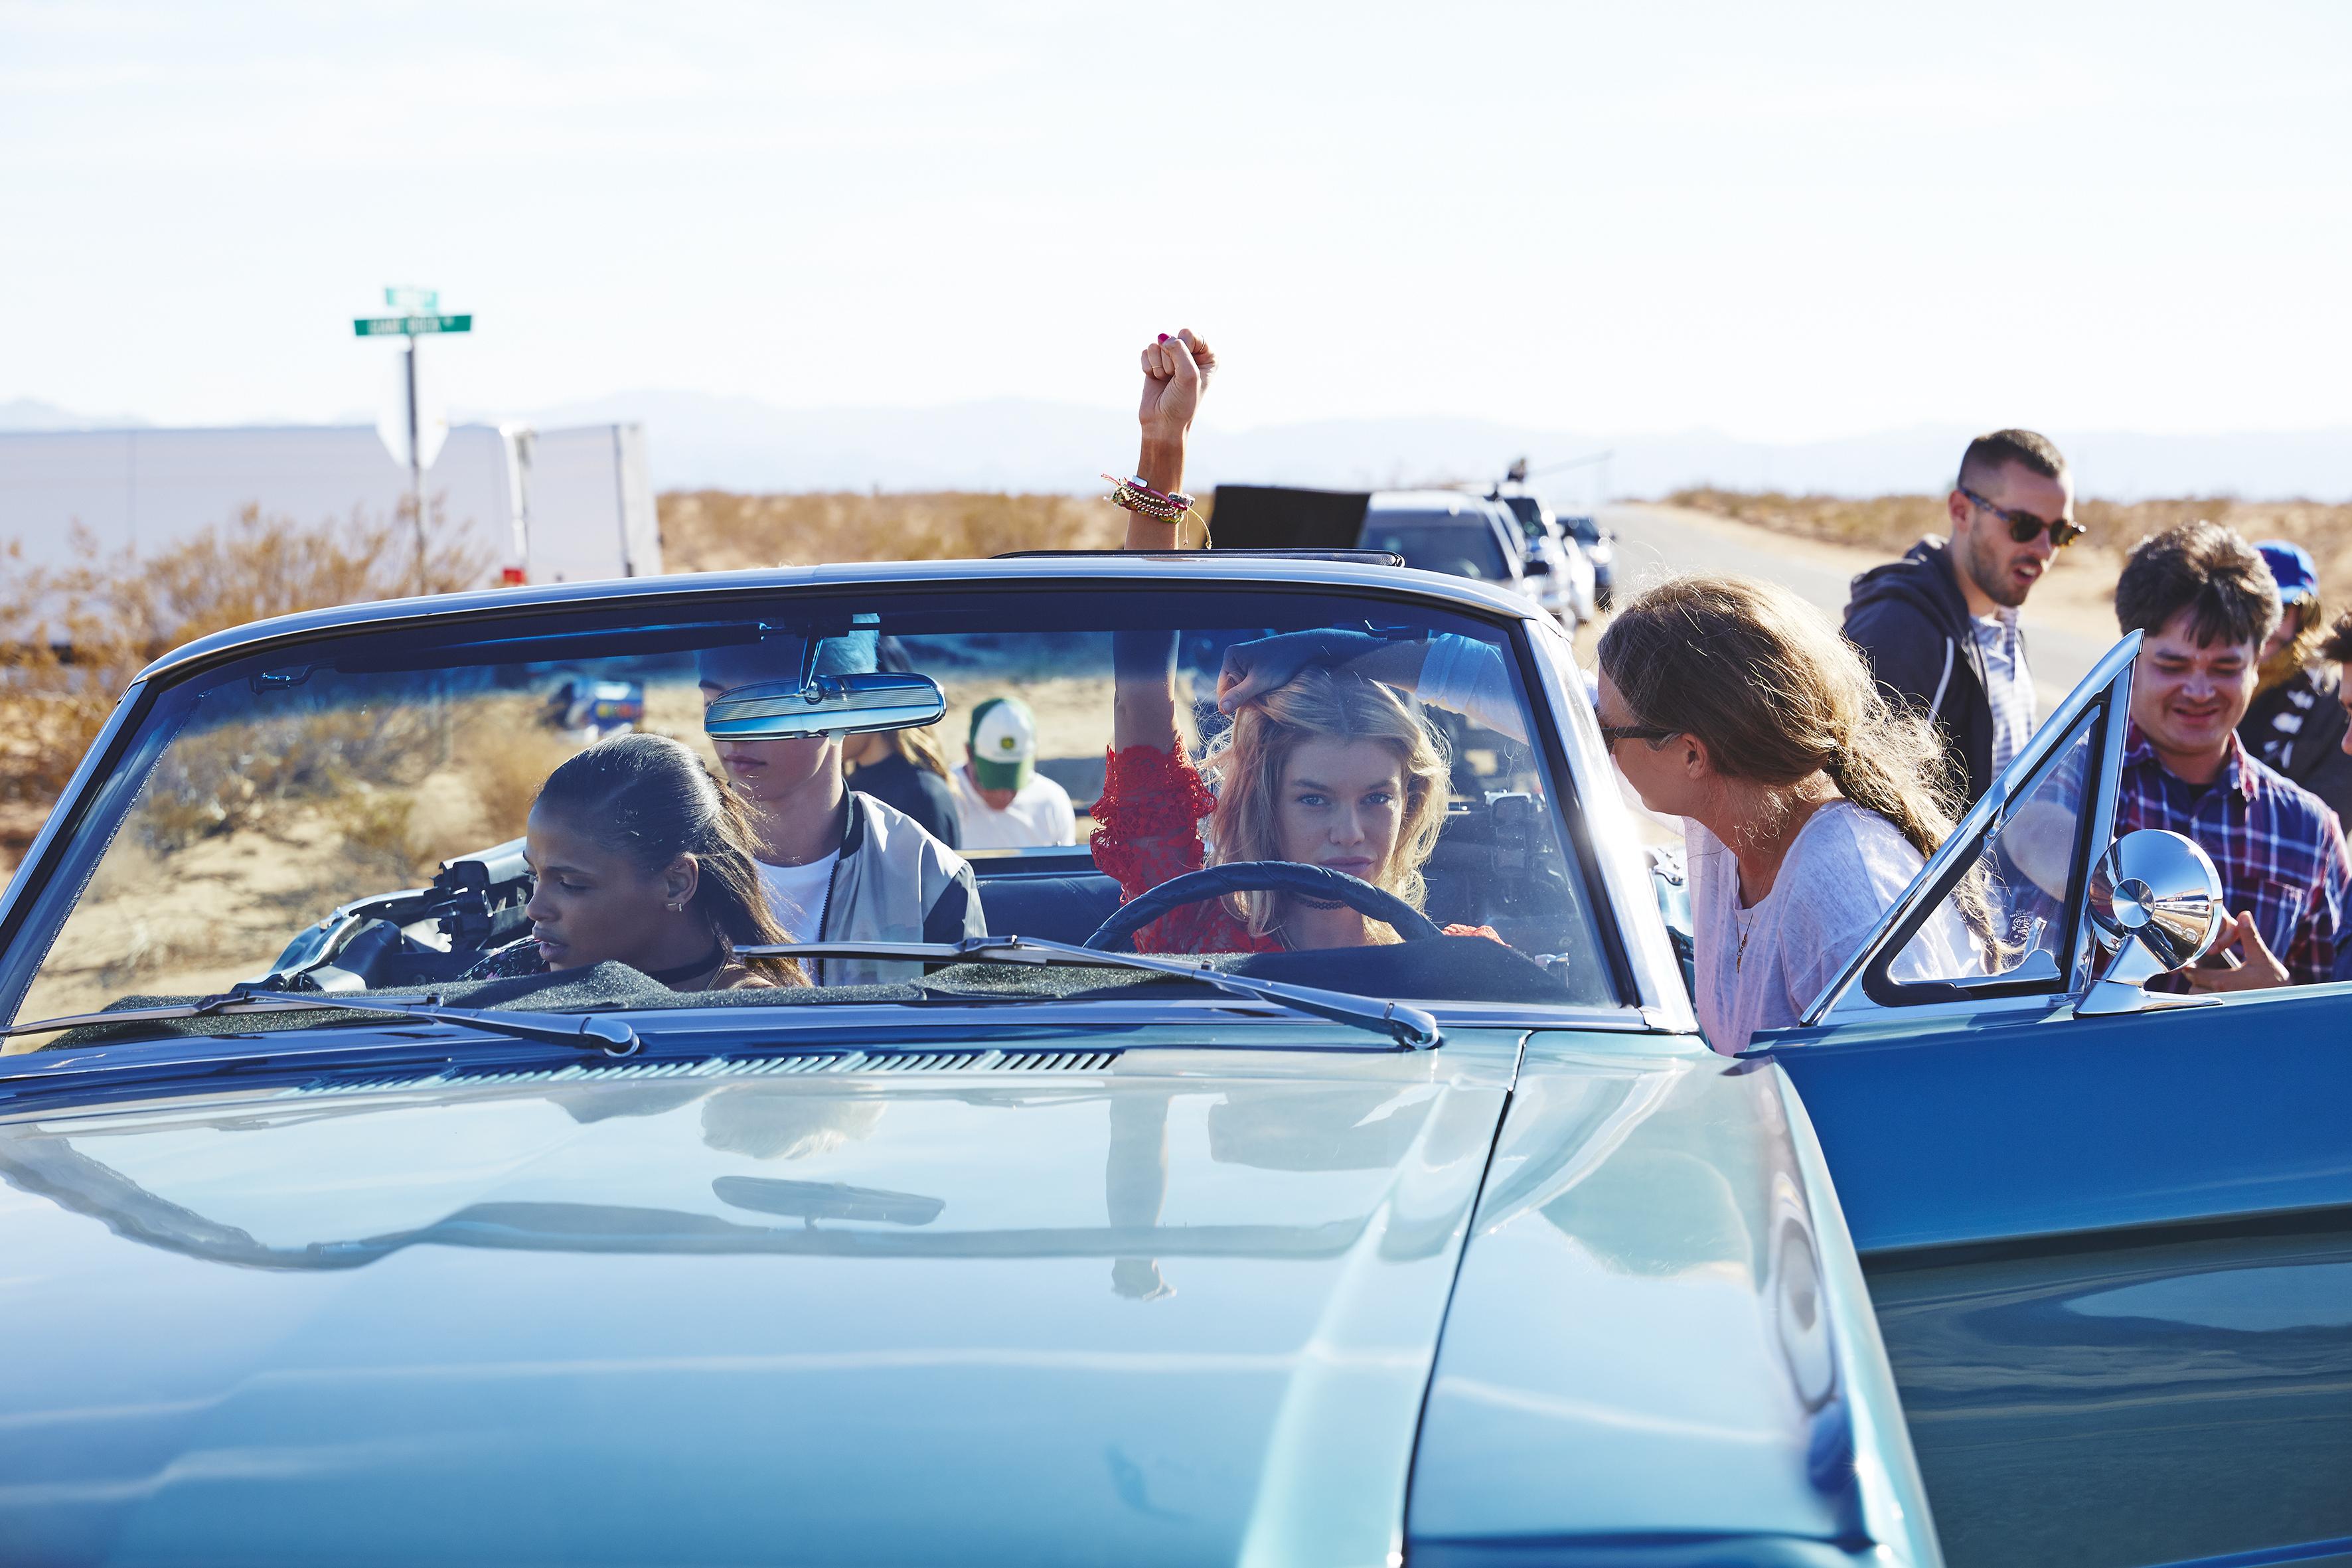 H&M kooperiert mit dem Coachella Festival. So soll man demnach rumlaufen: